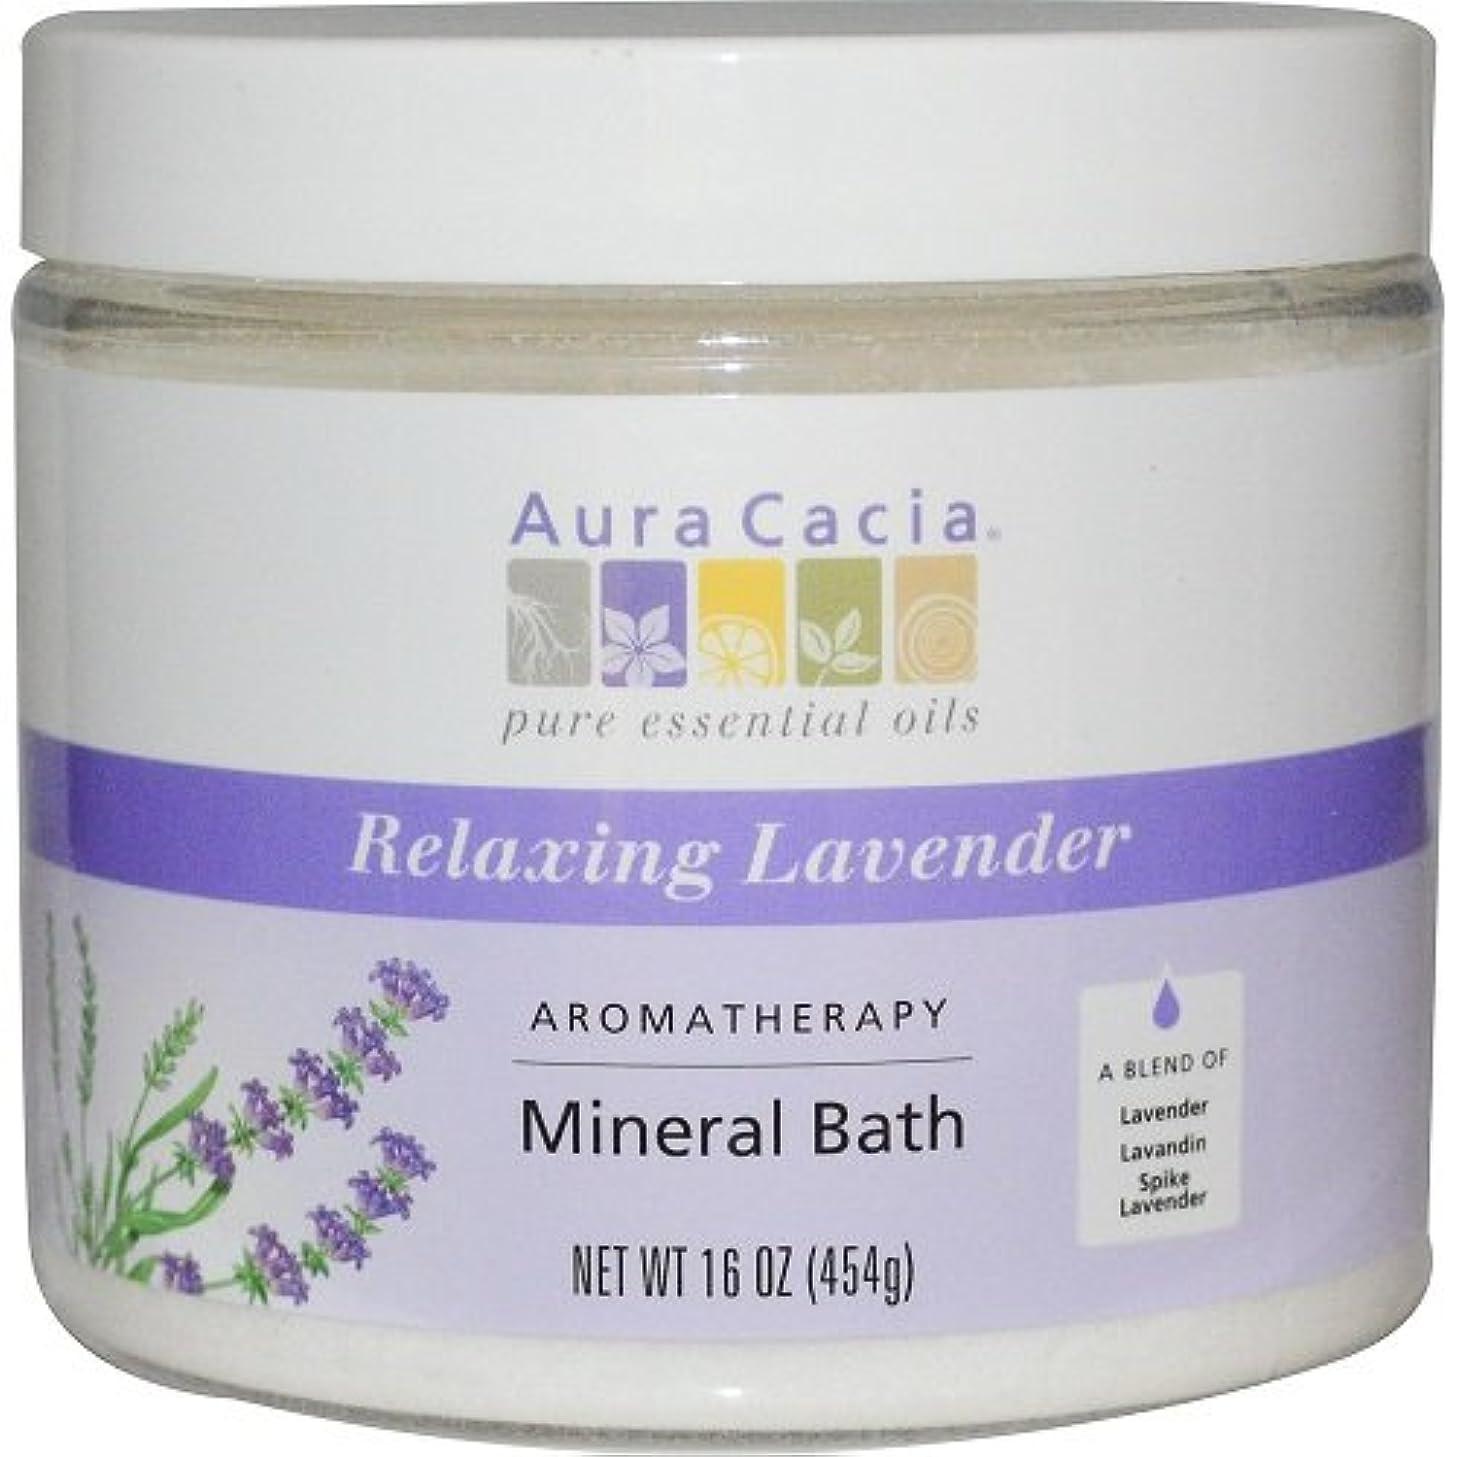 細胞本体寄生虫Aura Cacia - Aromatherapy Mineral Bath, Relaxing Lavender - 16 oz (454 g)